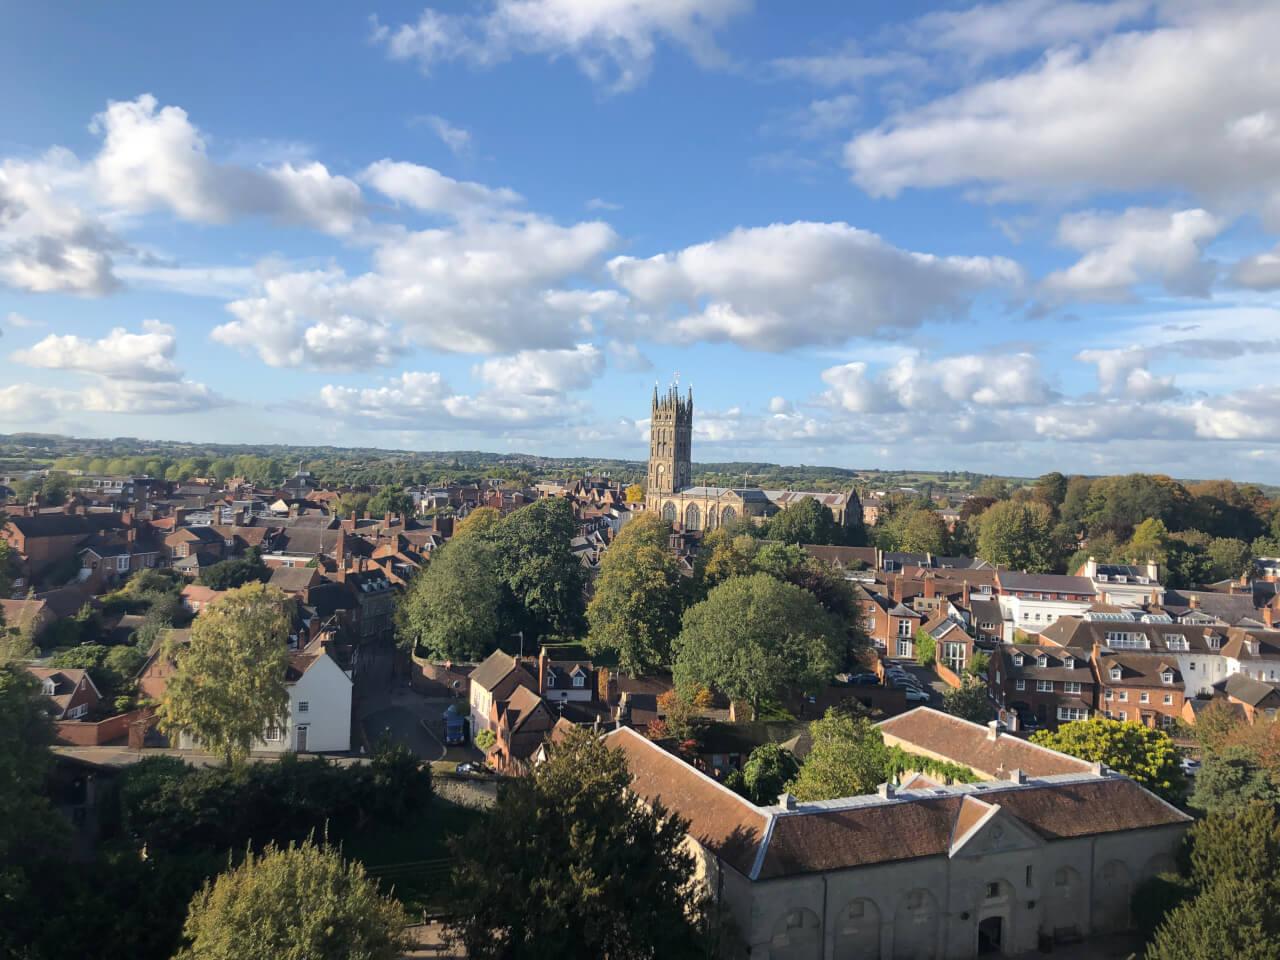 Week 3 blues, Freshers Flu & a Trip to Warwick Castle